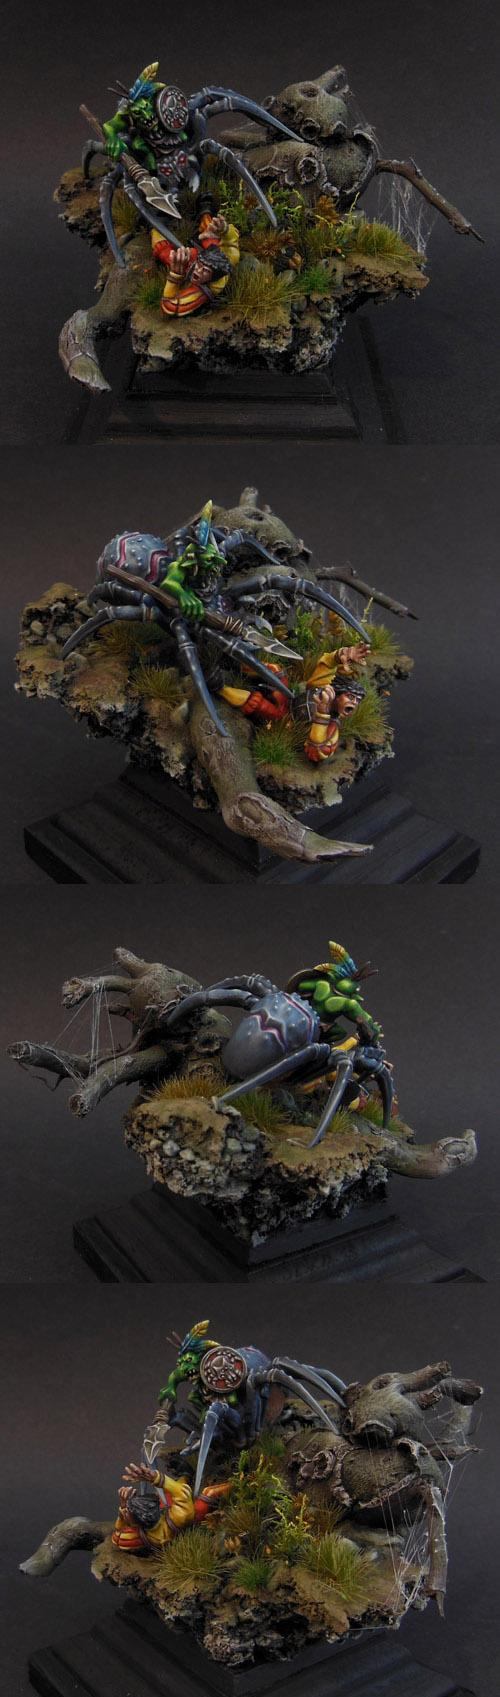 Diorama, Duel, Goblins, Spider